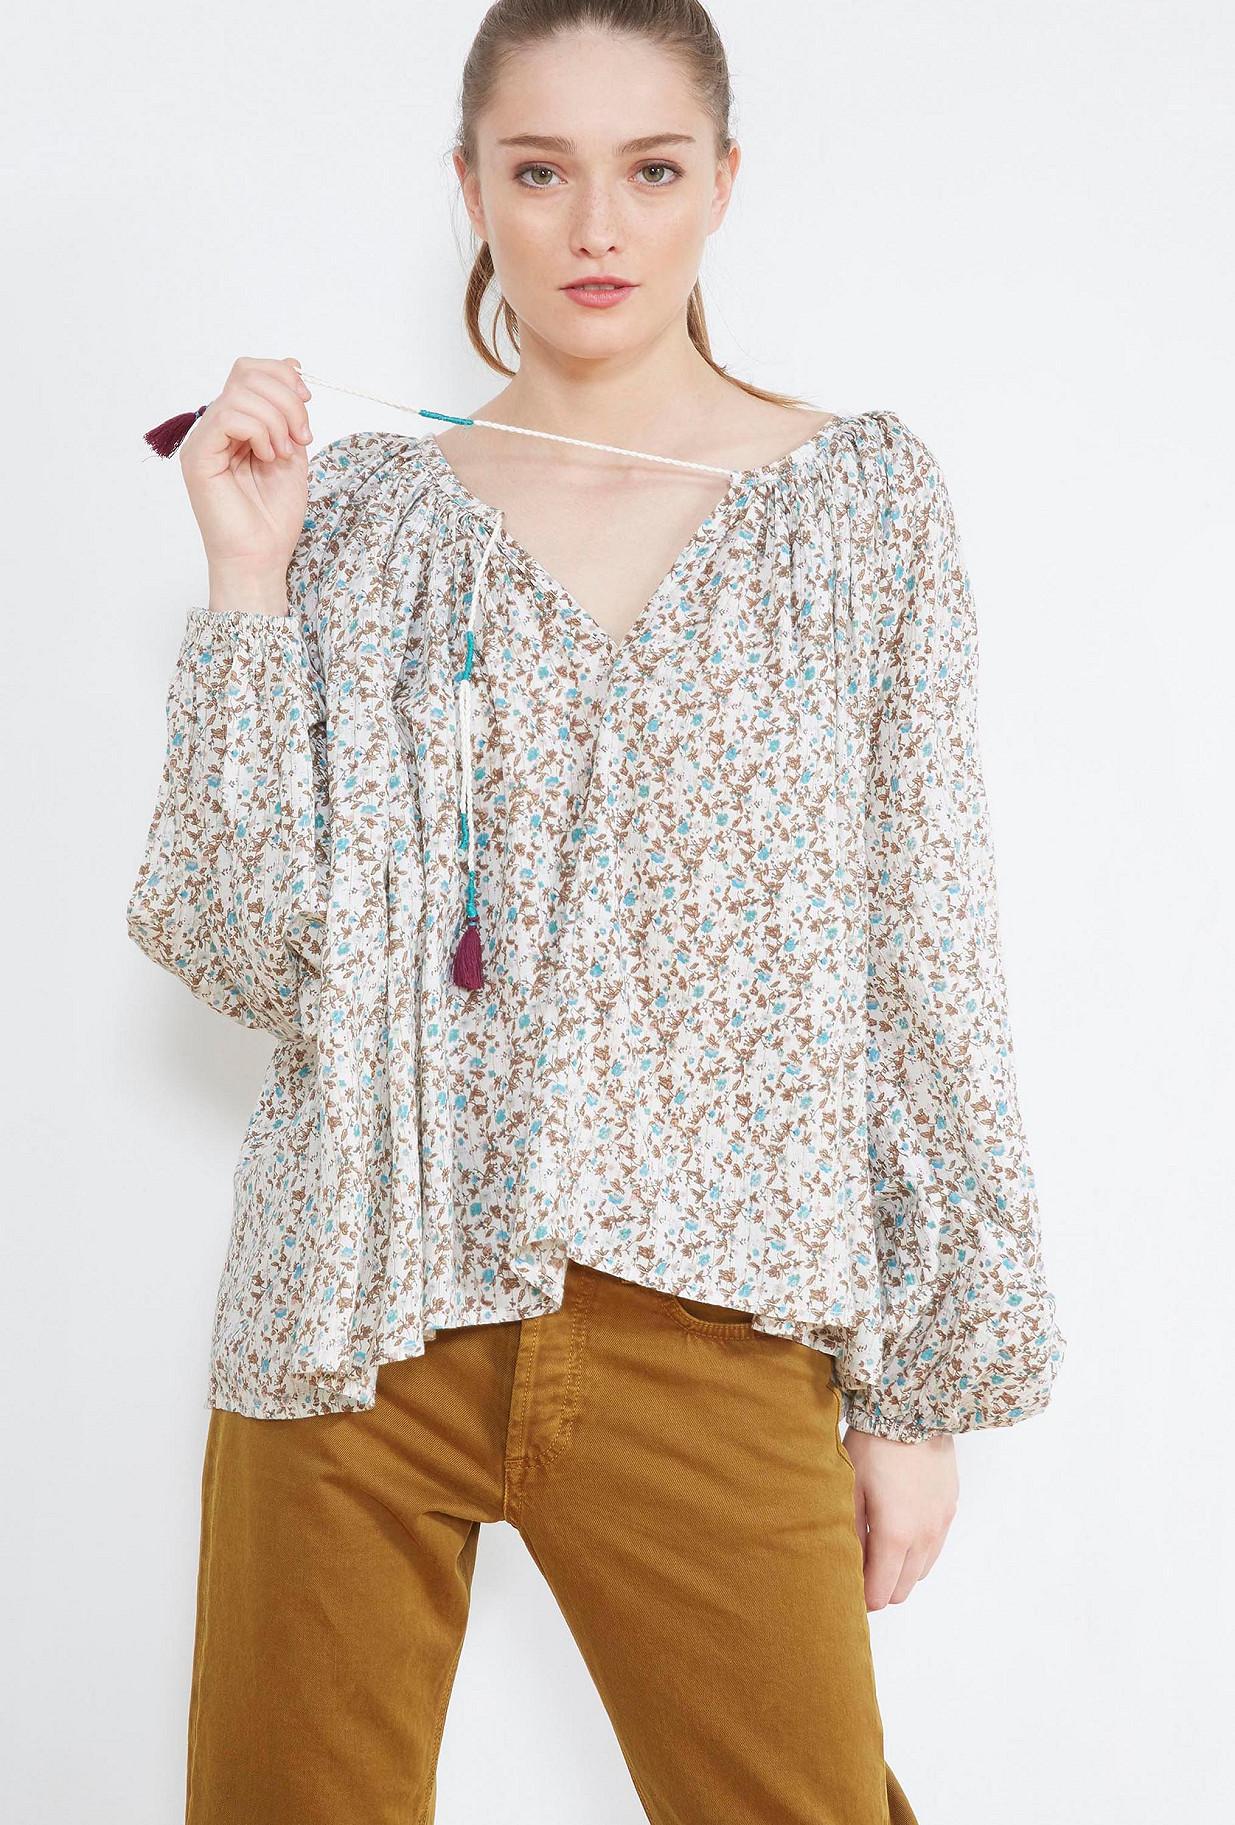 Floral print  BLOUSE  Woodstock Mes demoiselles fashion clothes designer Paris